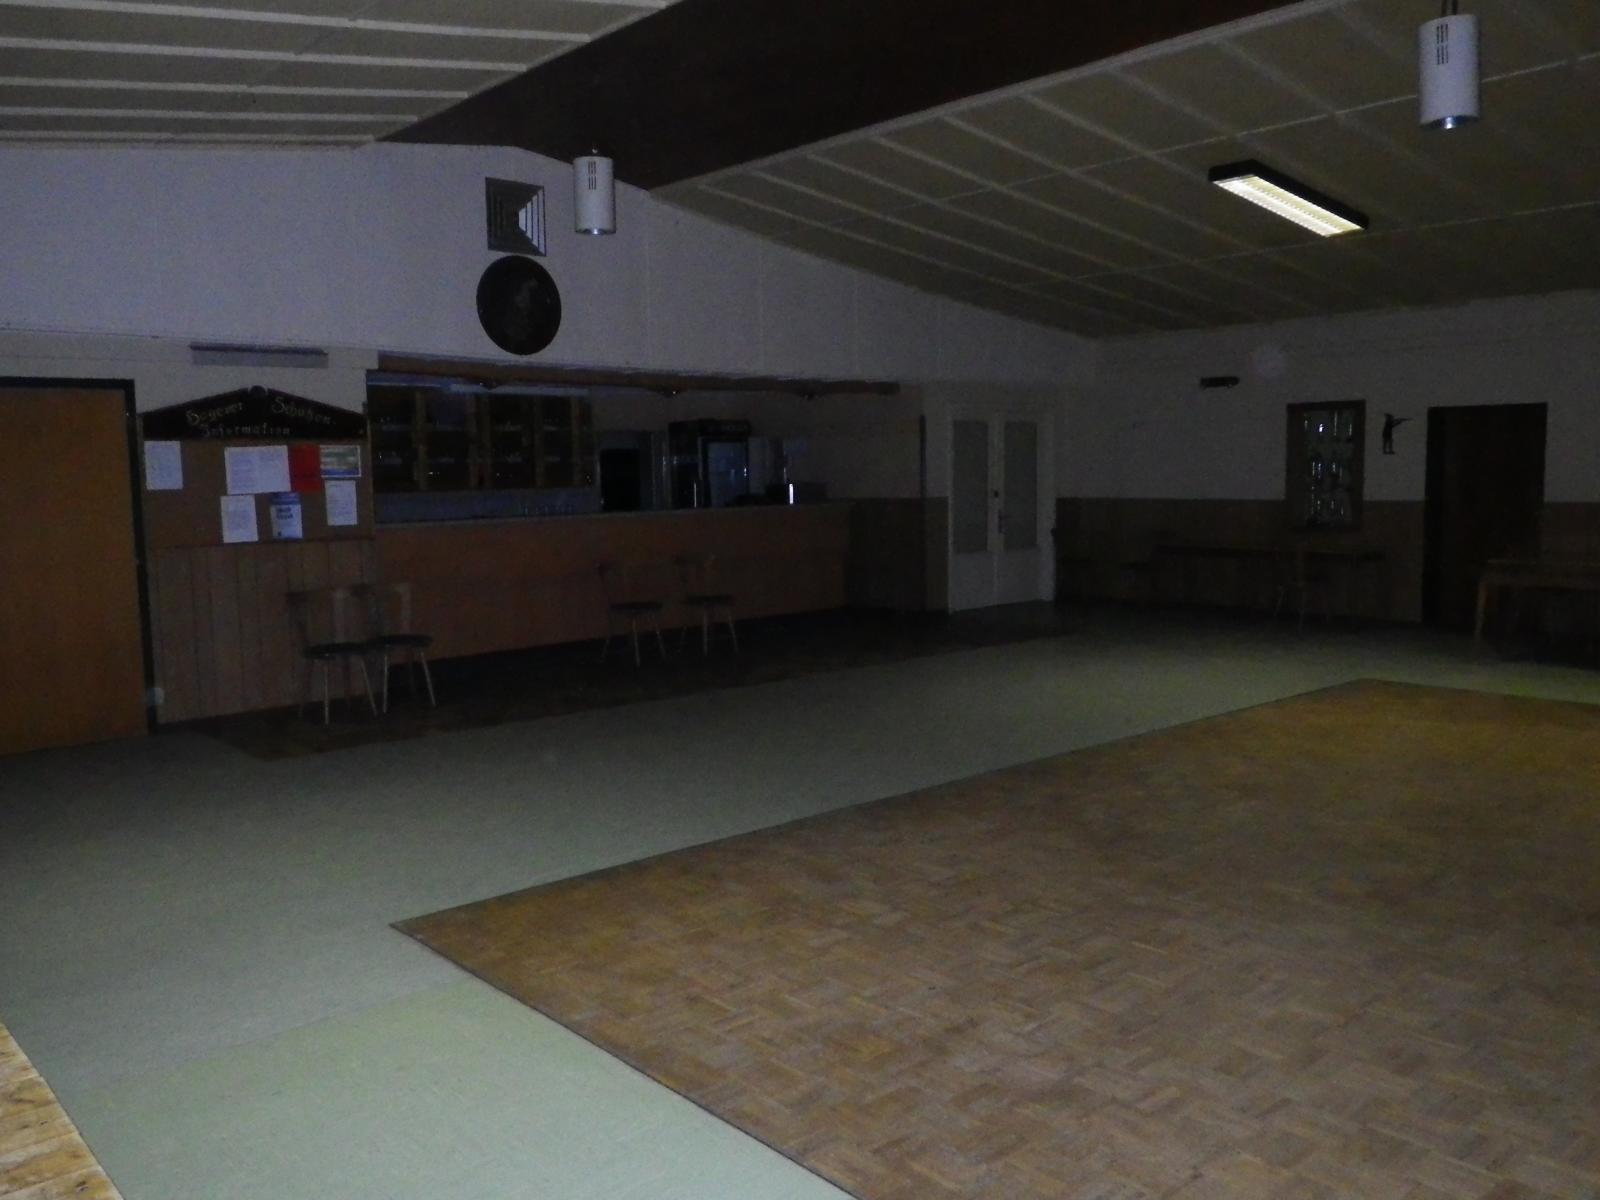 So sieht es aus, wenn einige Tage vor der Schau die ersten Helfer die Halle betreten.